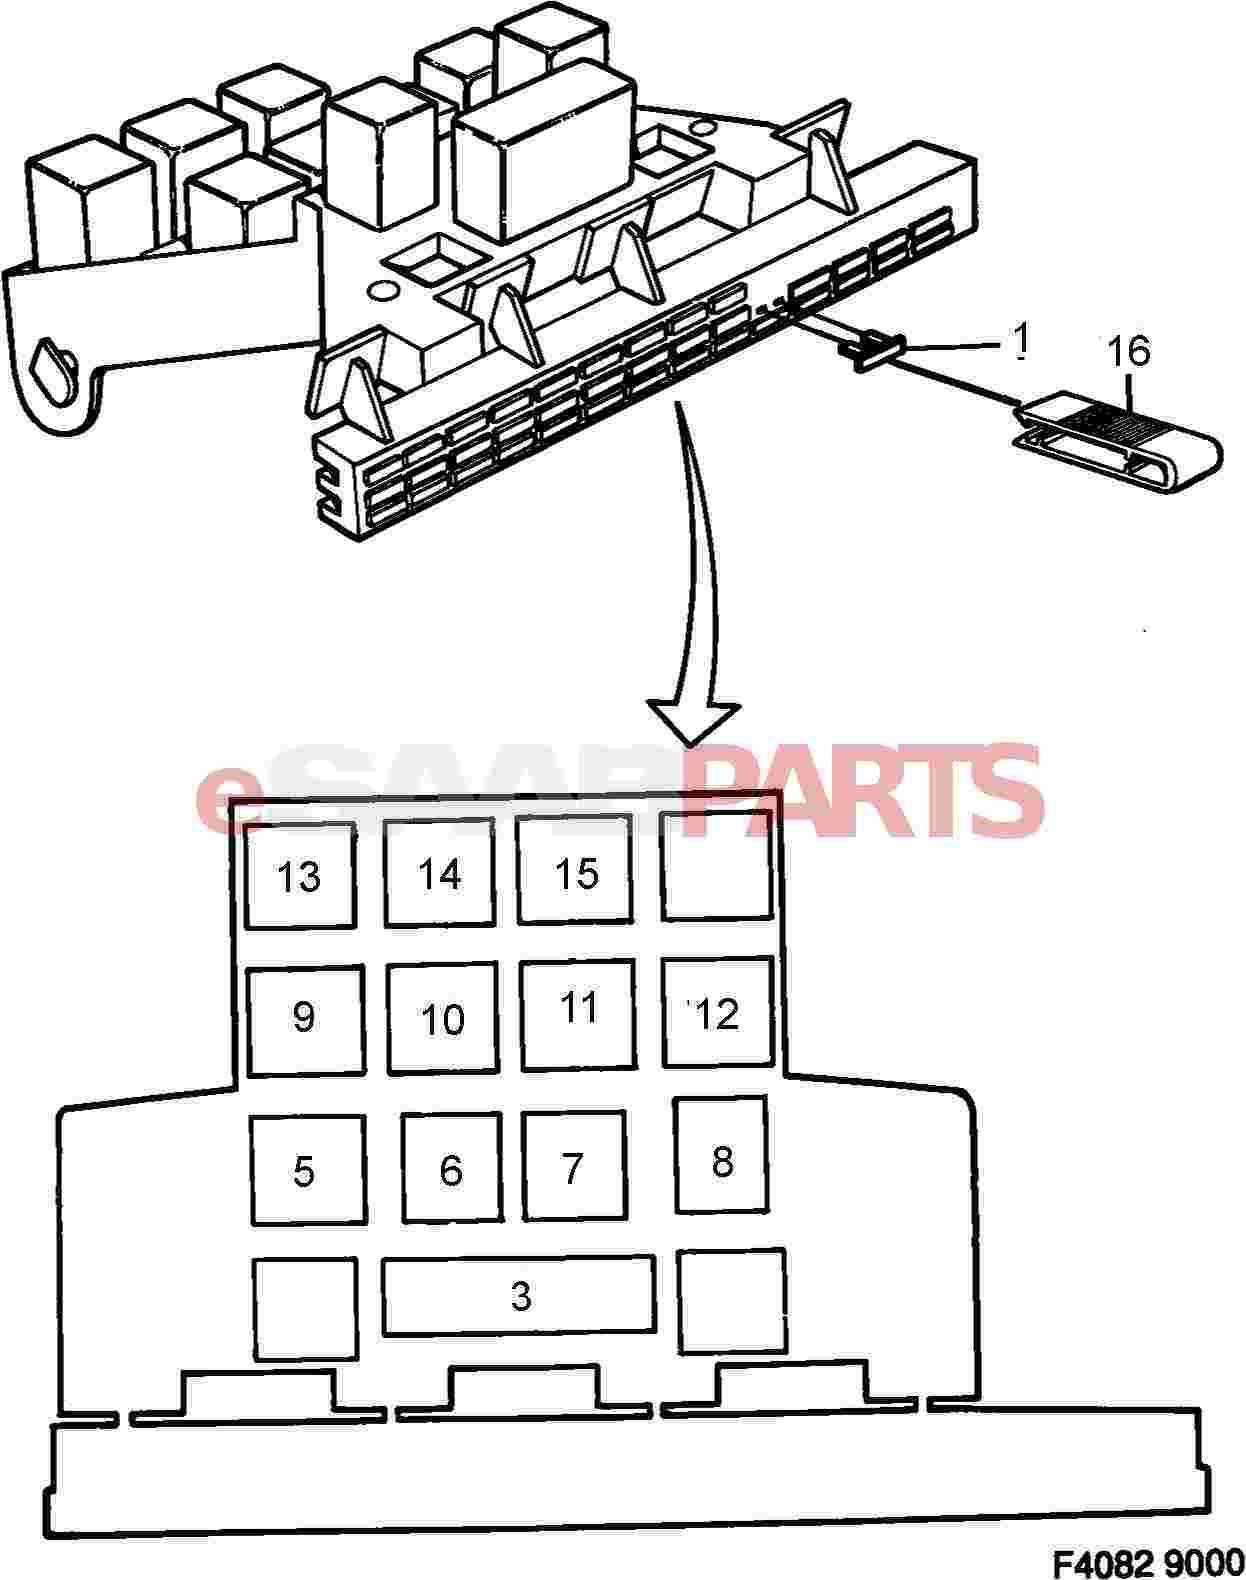 2004 saab 9 3 turbo fuse box diagram